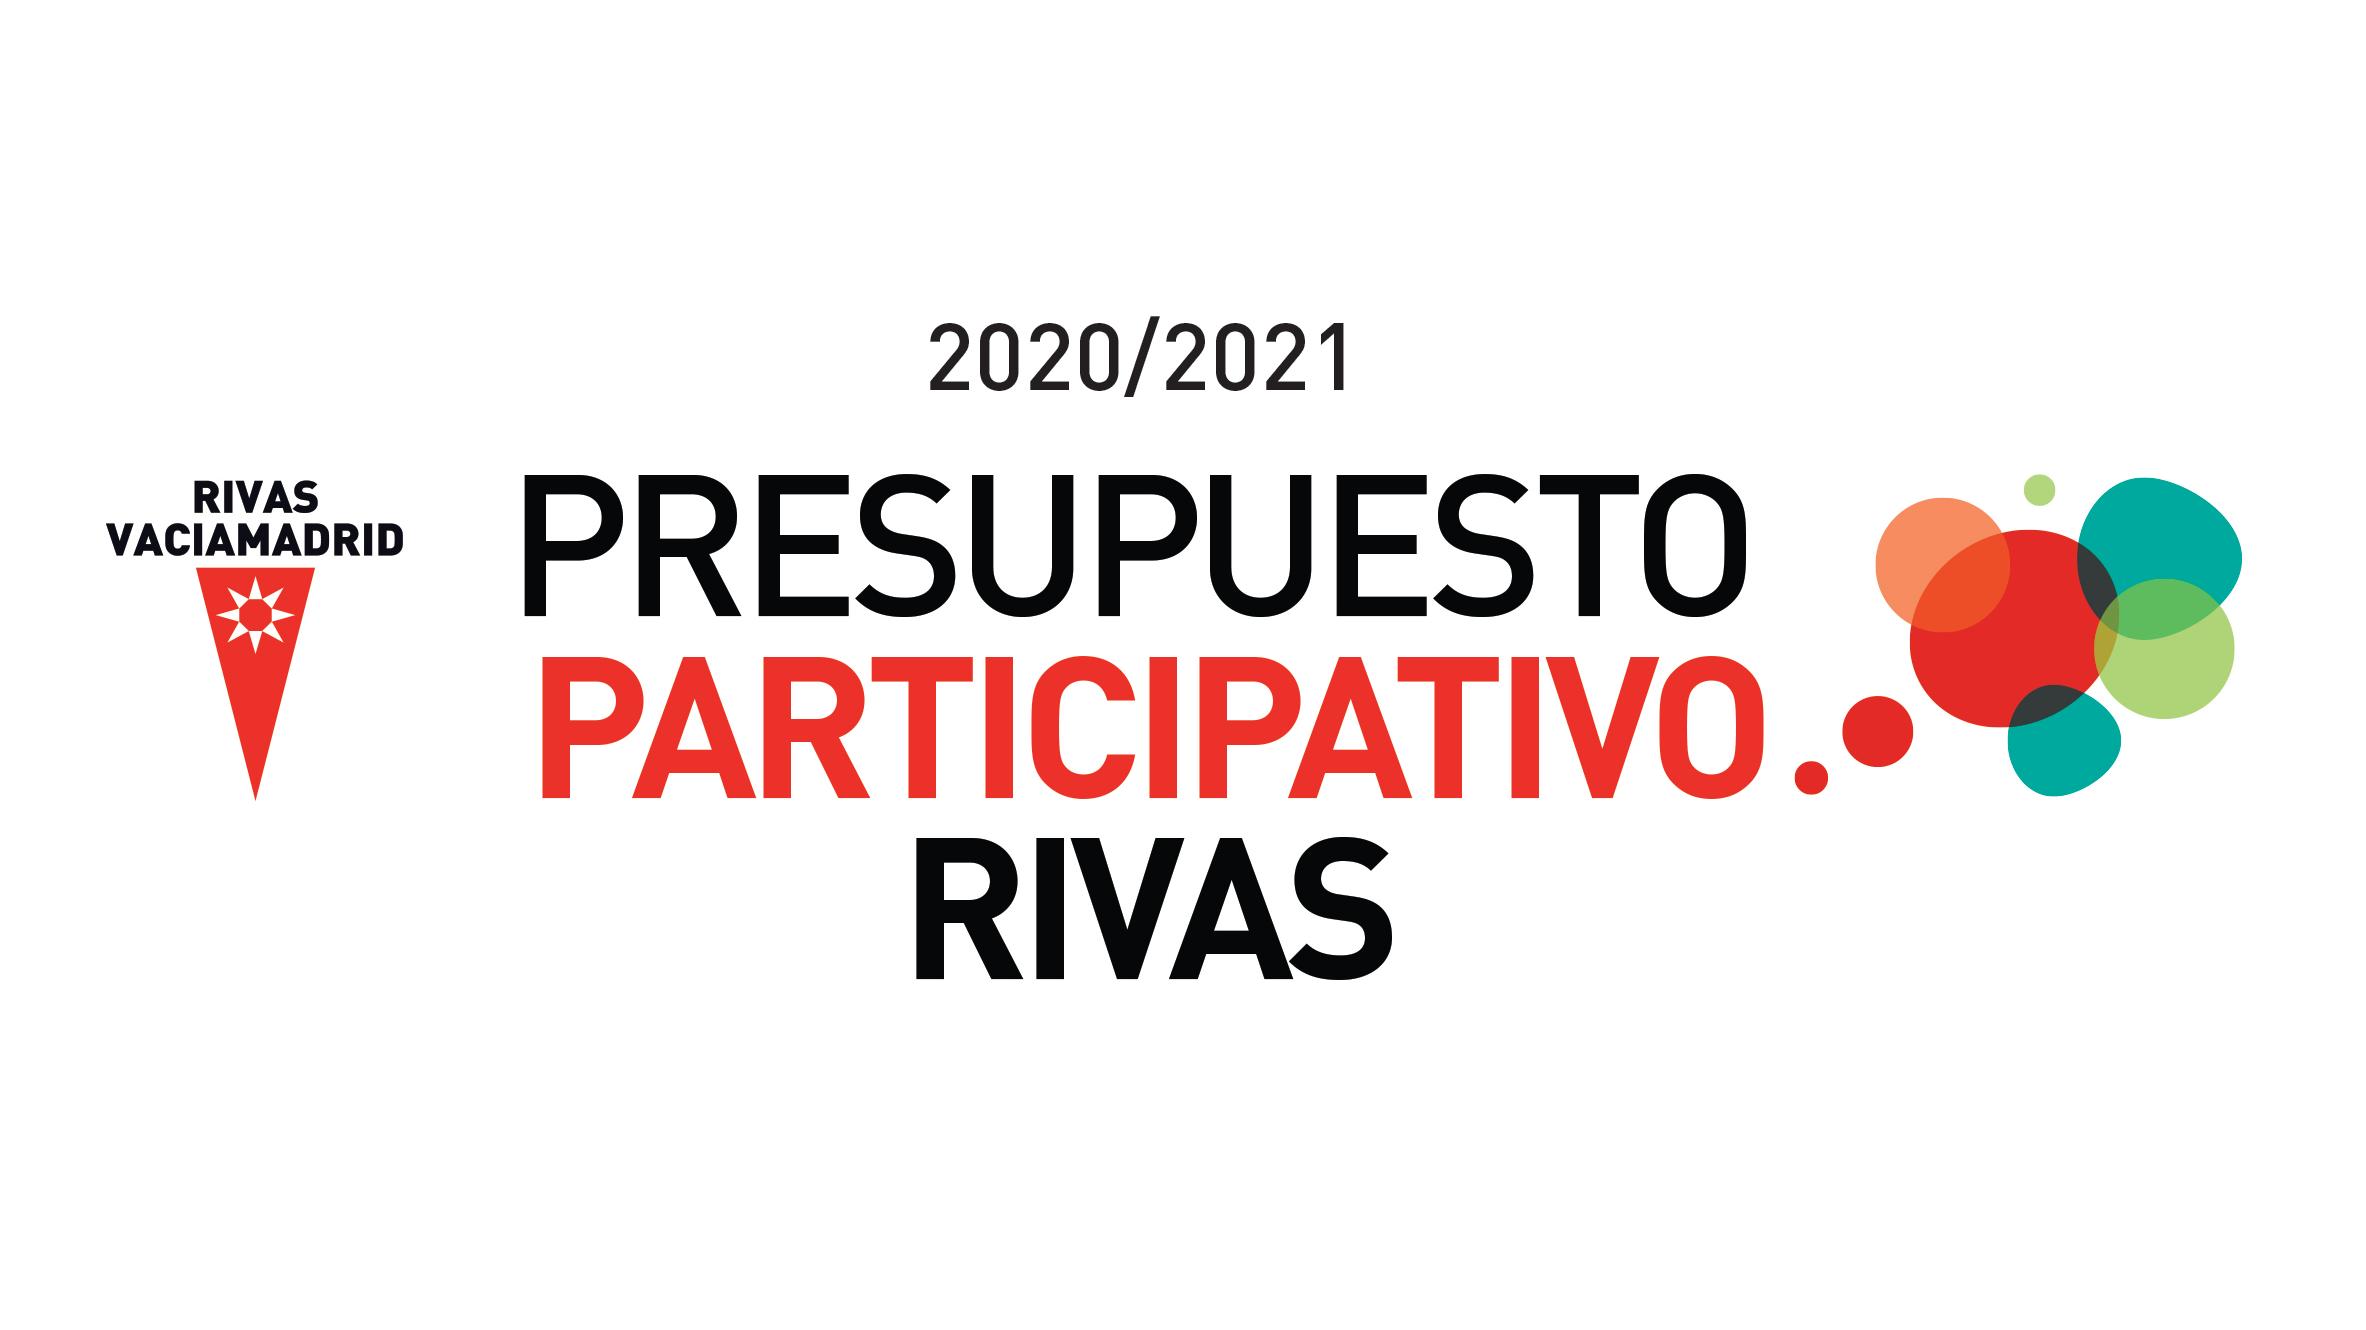 Presupuesto Participativo 2020/21